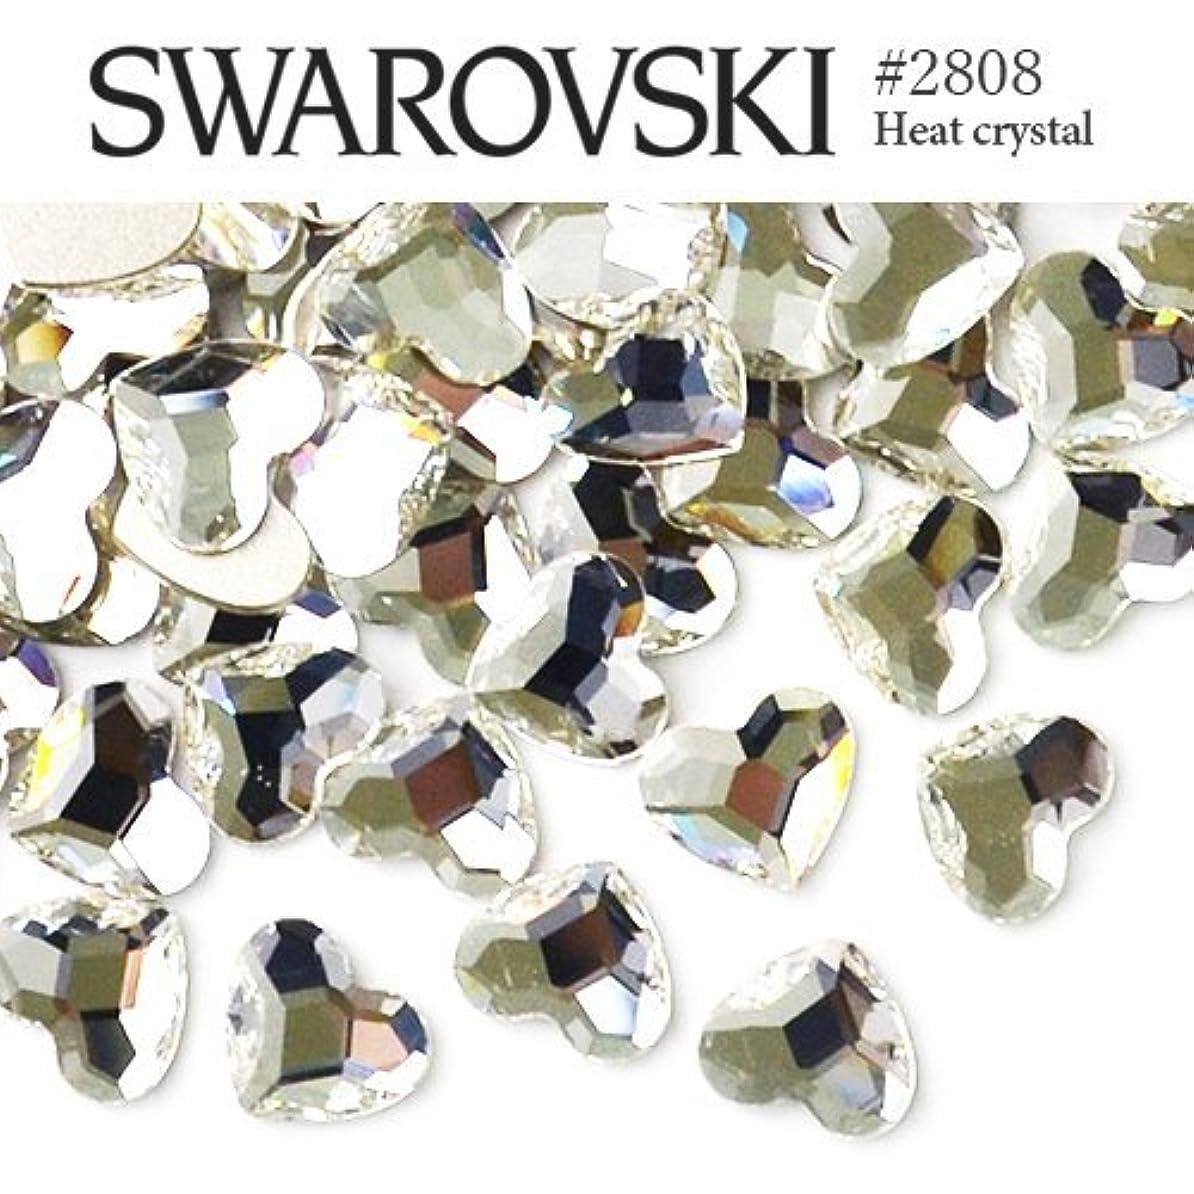 委員会学者ヒロイック#2808 ハート (10mm) [クリスタル] 2粒入り スワロフスキー ラインストーン